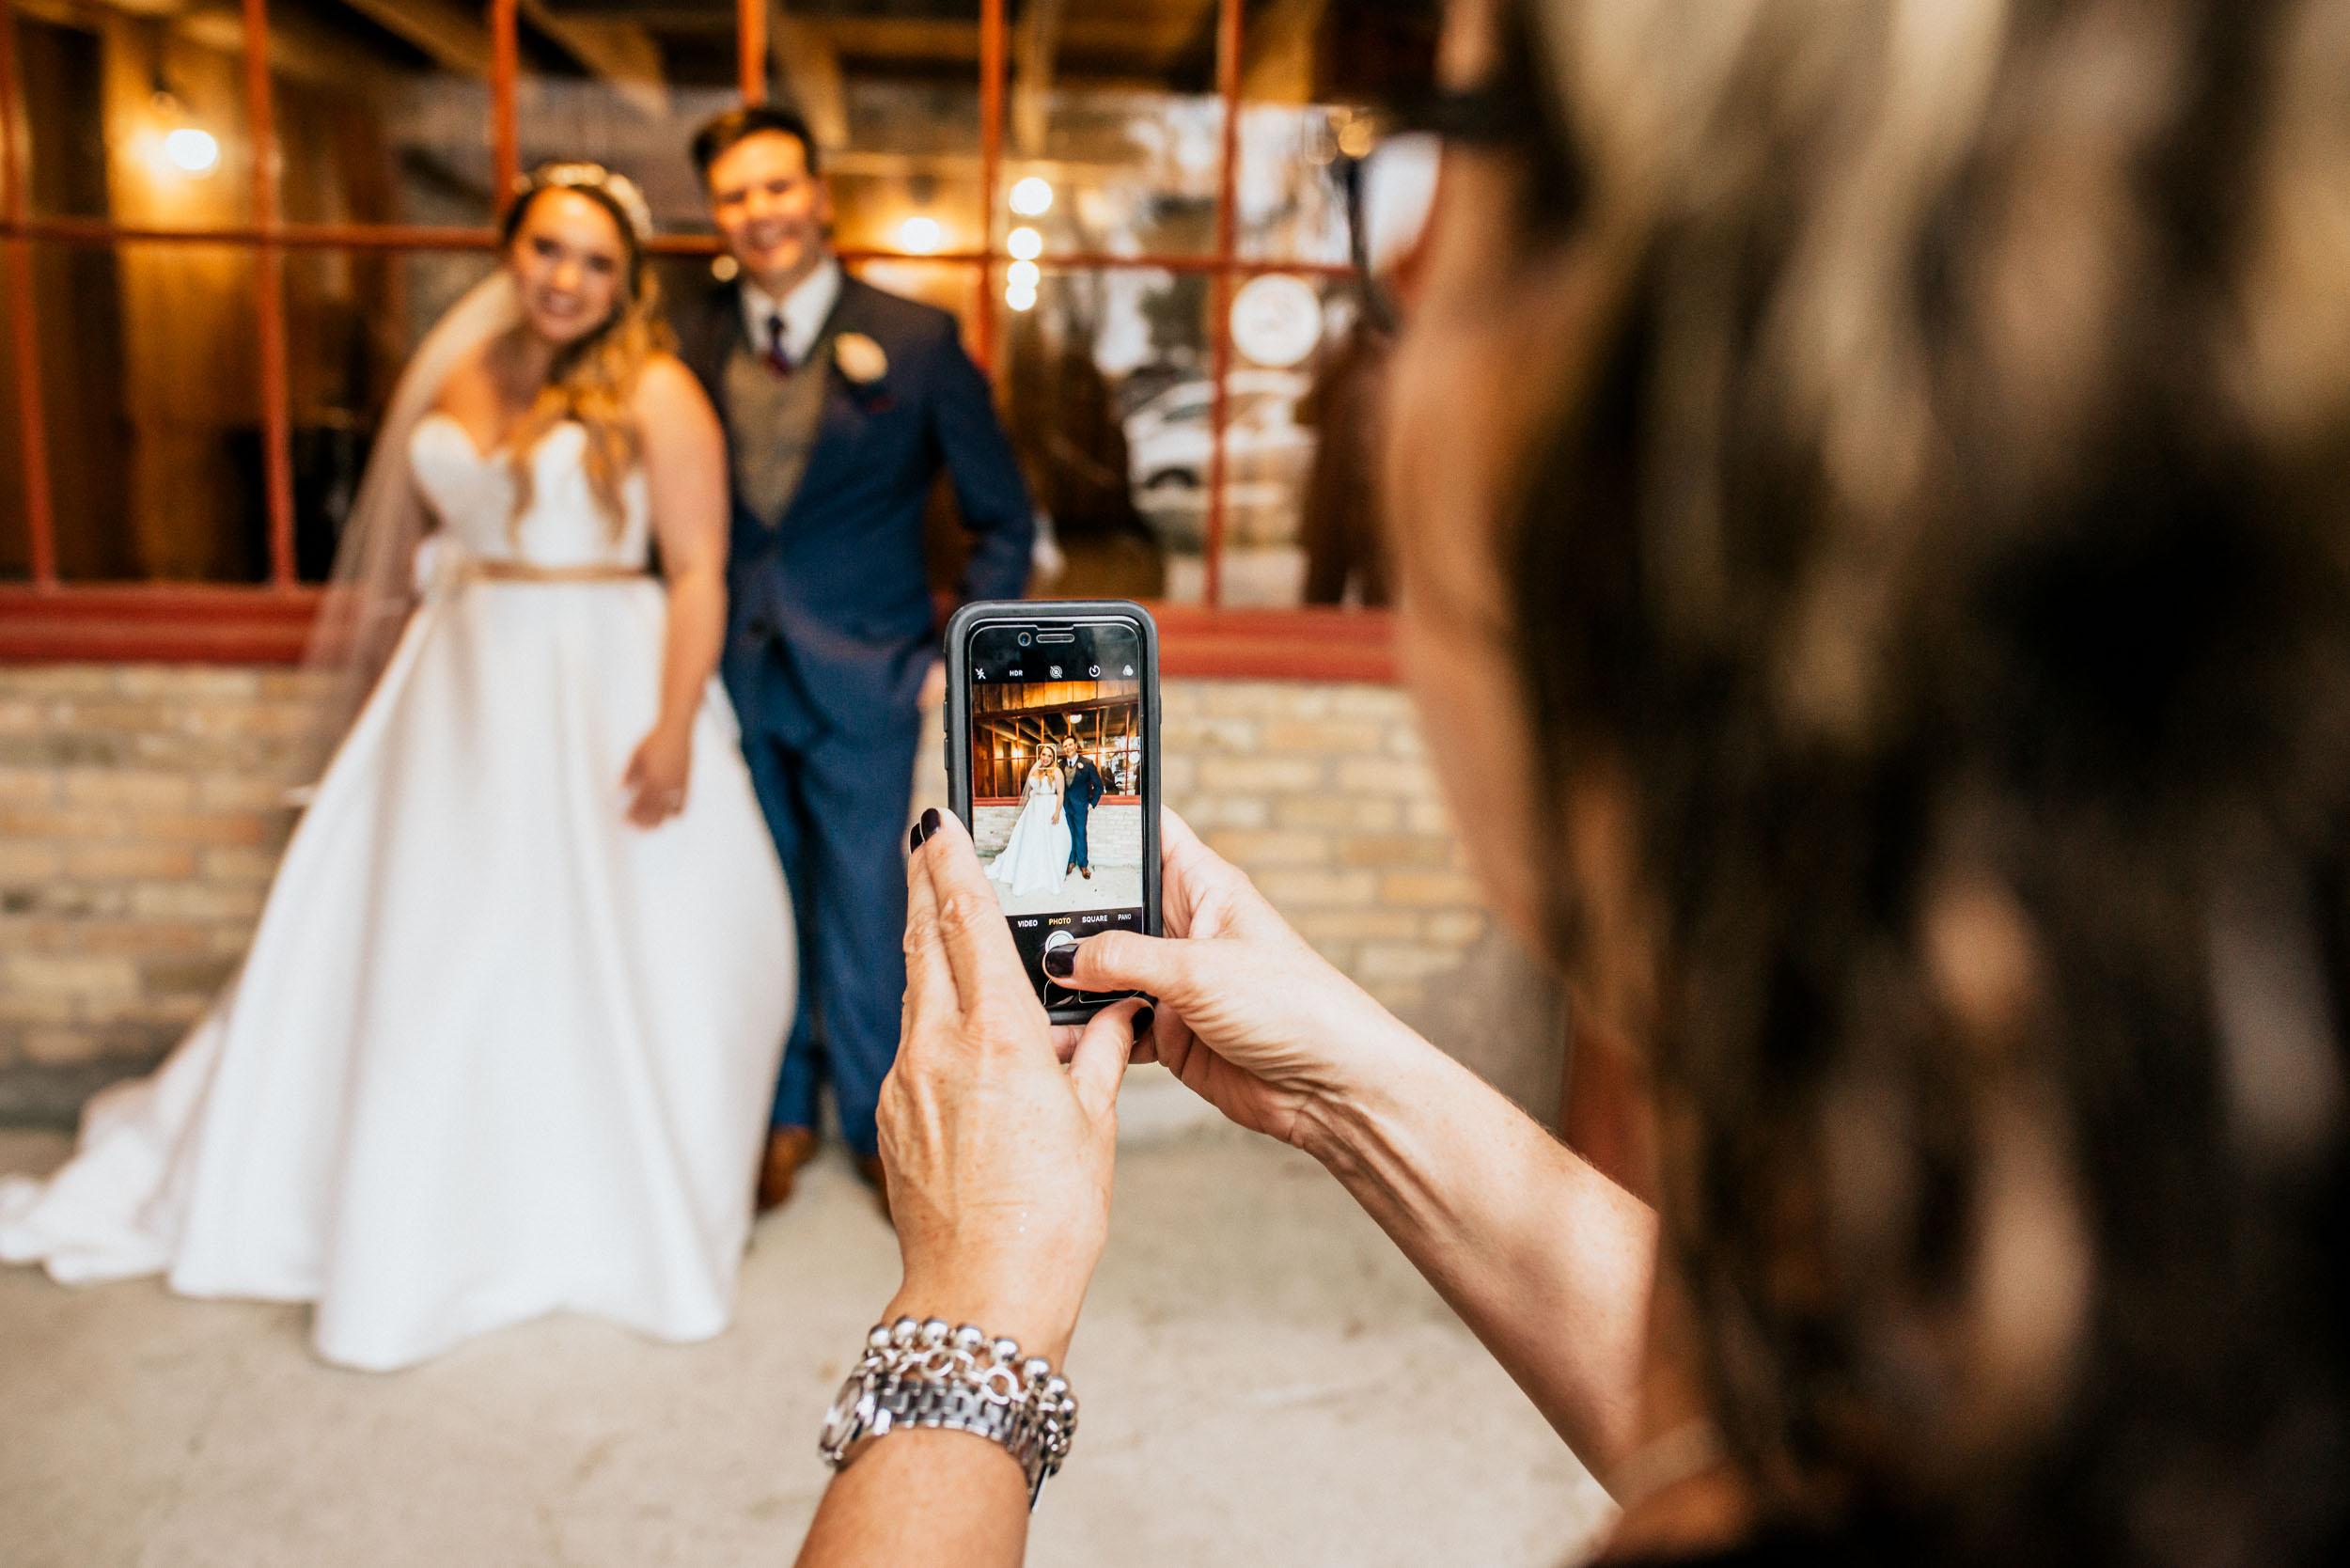 wedding-photography-stratford-davidiam-181.jpg